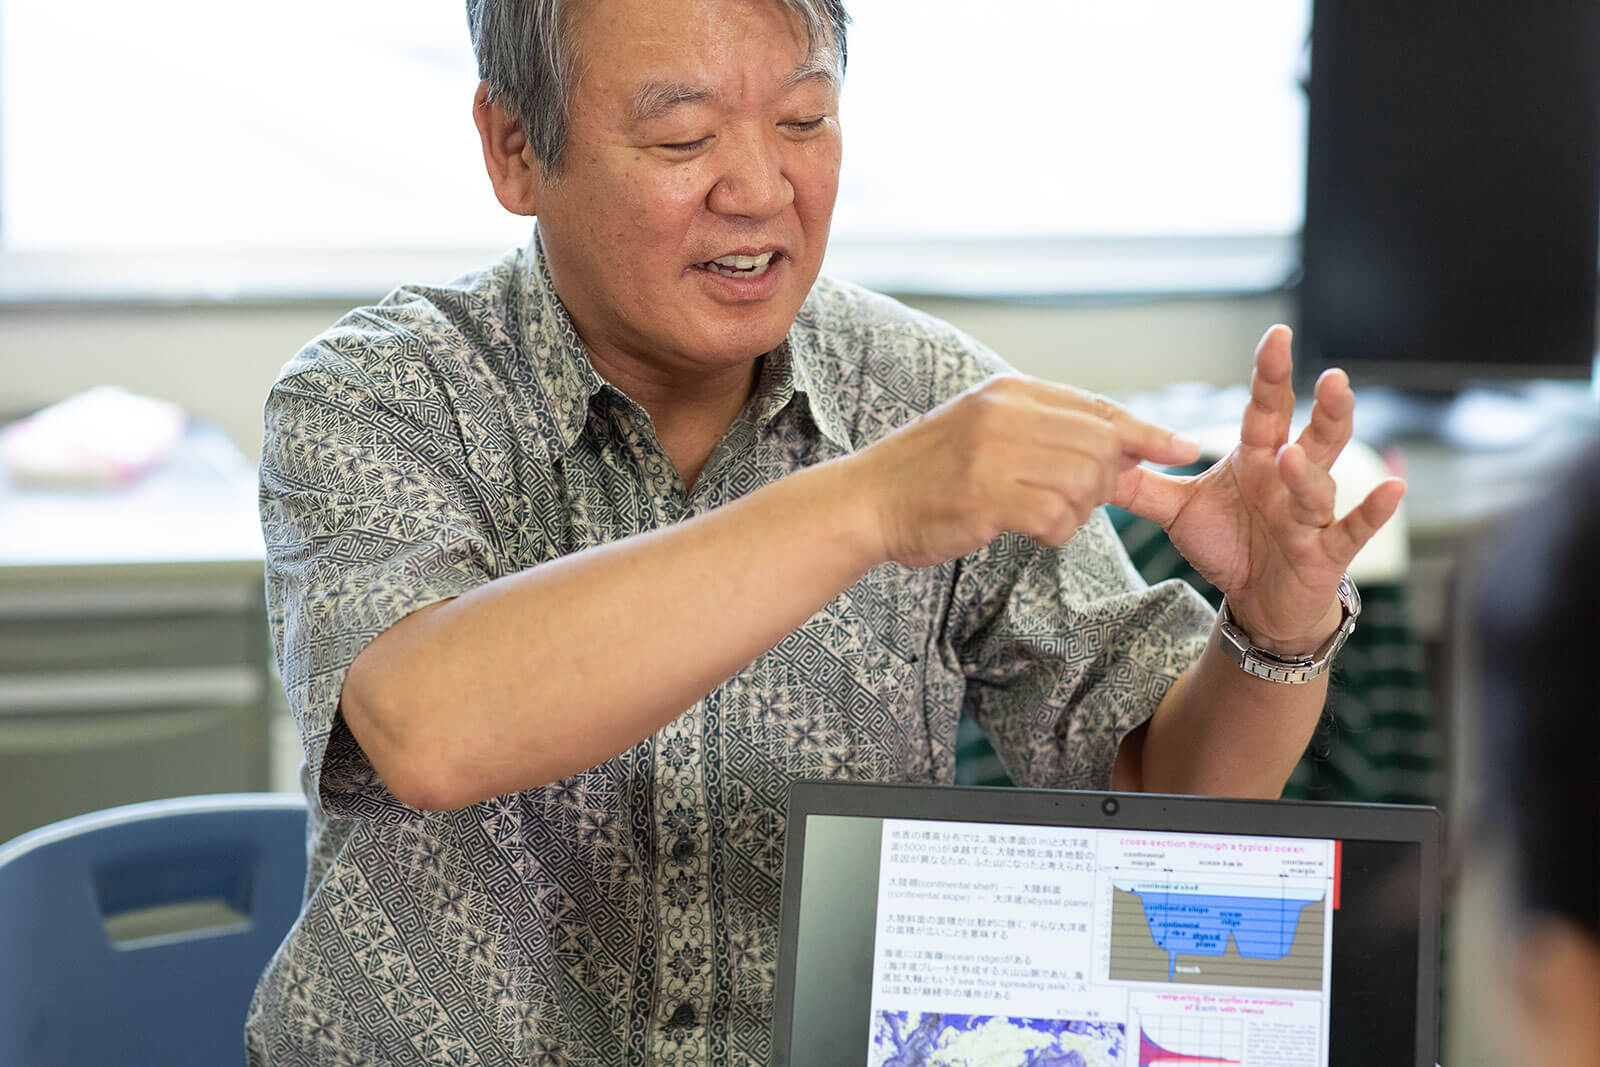 海底調査について説明する野尻教授